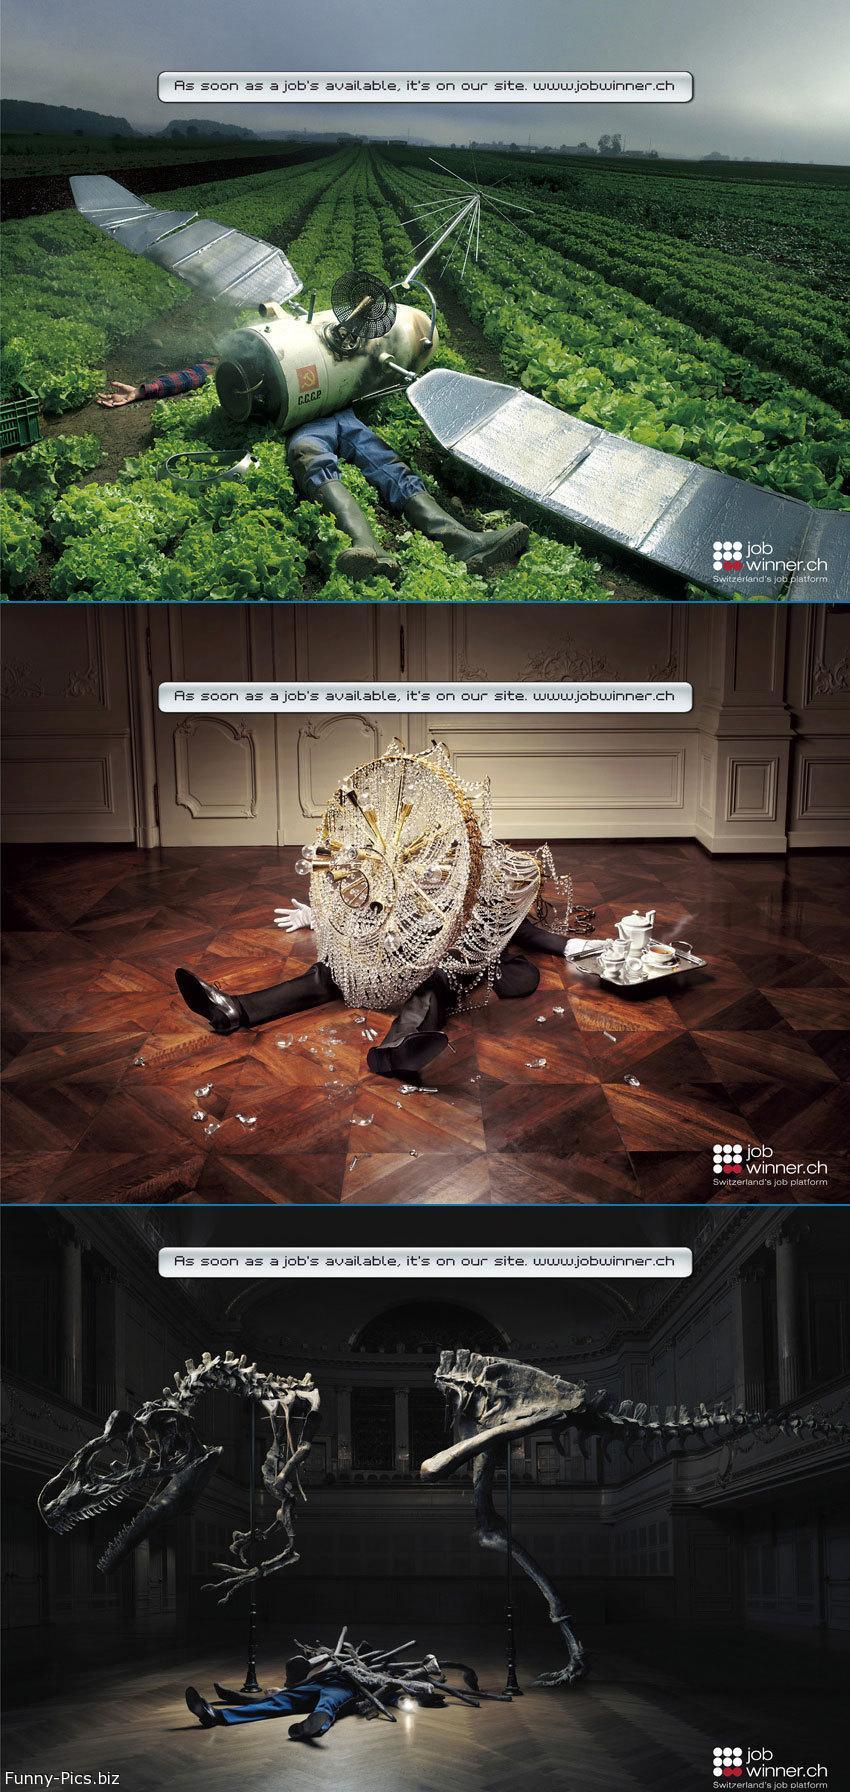 Crazy Ads: Jobswinner